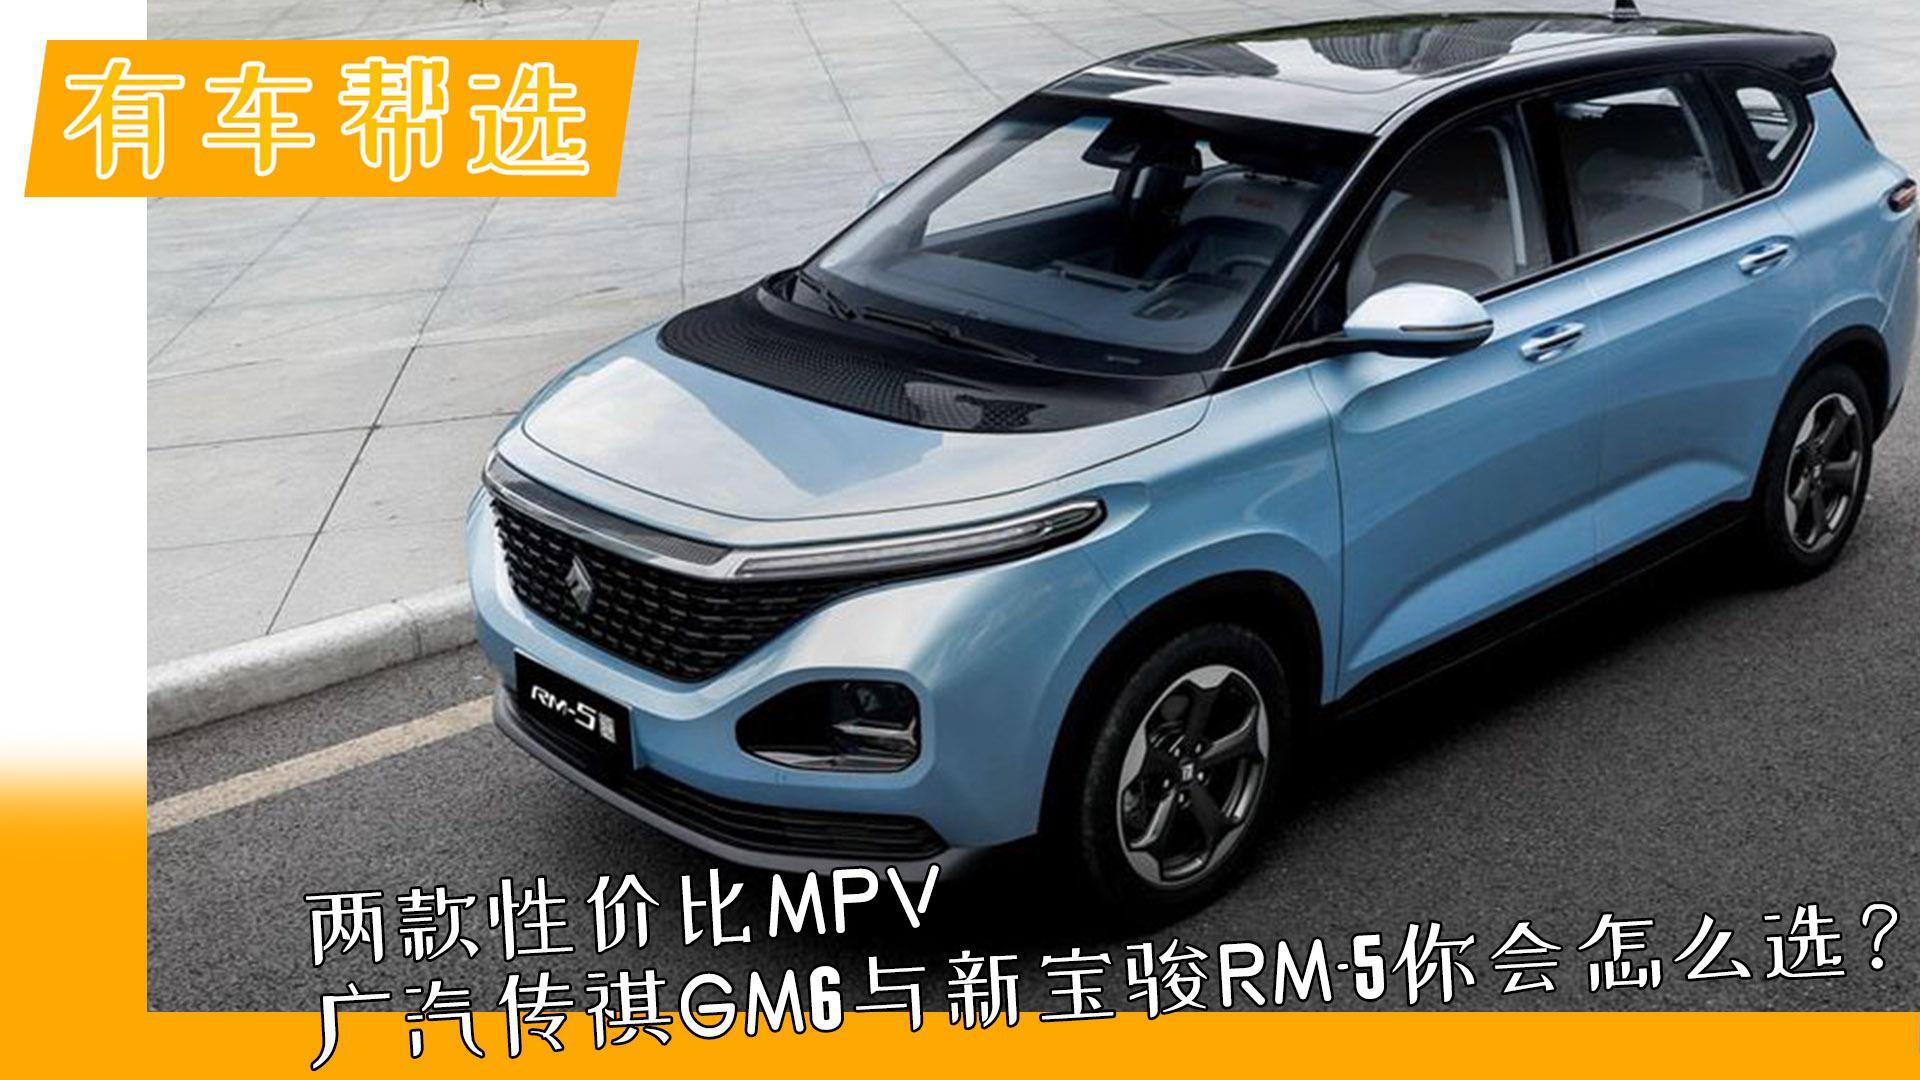 两款性价比MPV 广汽传祺GM6与新宝骏RM-5你会怎么选?